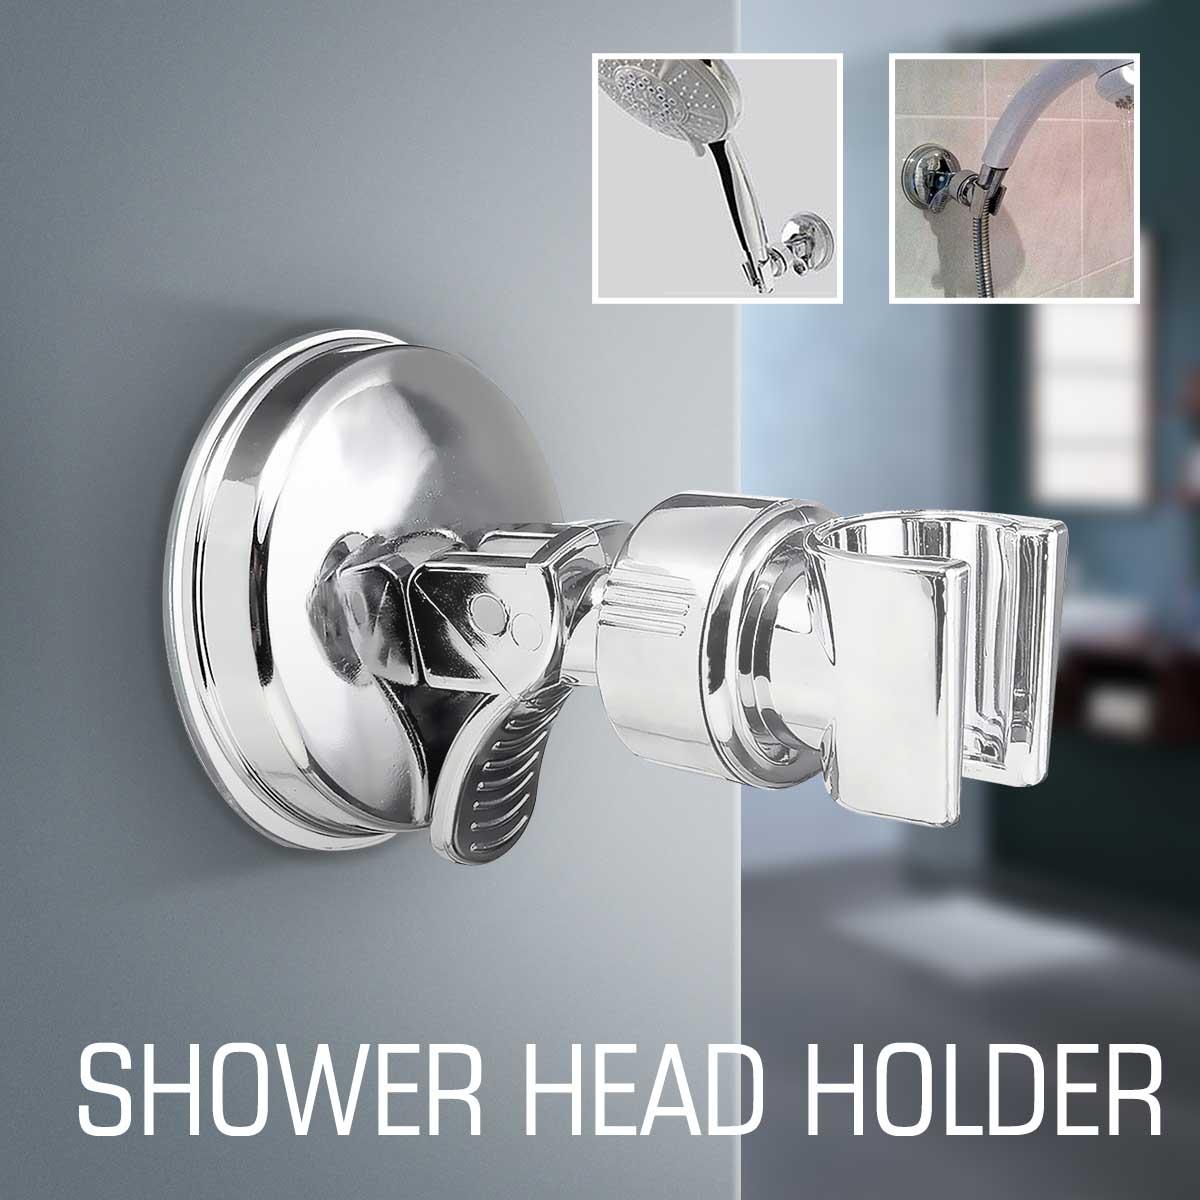 Bathroom Adjustable Shower Head Holder Rack Bracket Suction Cup ...